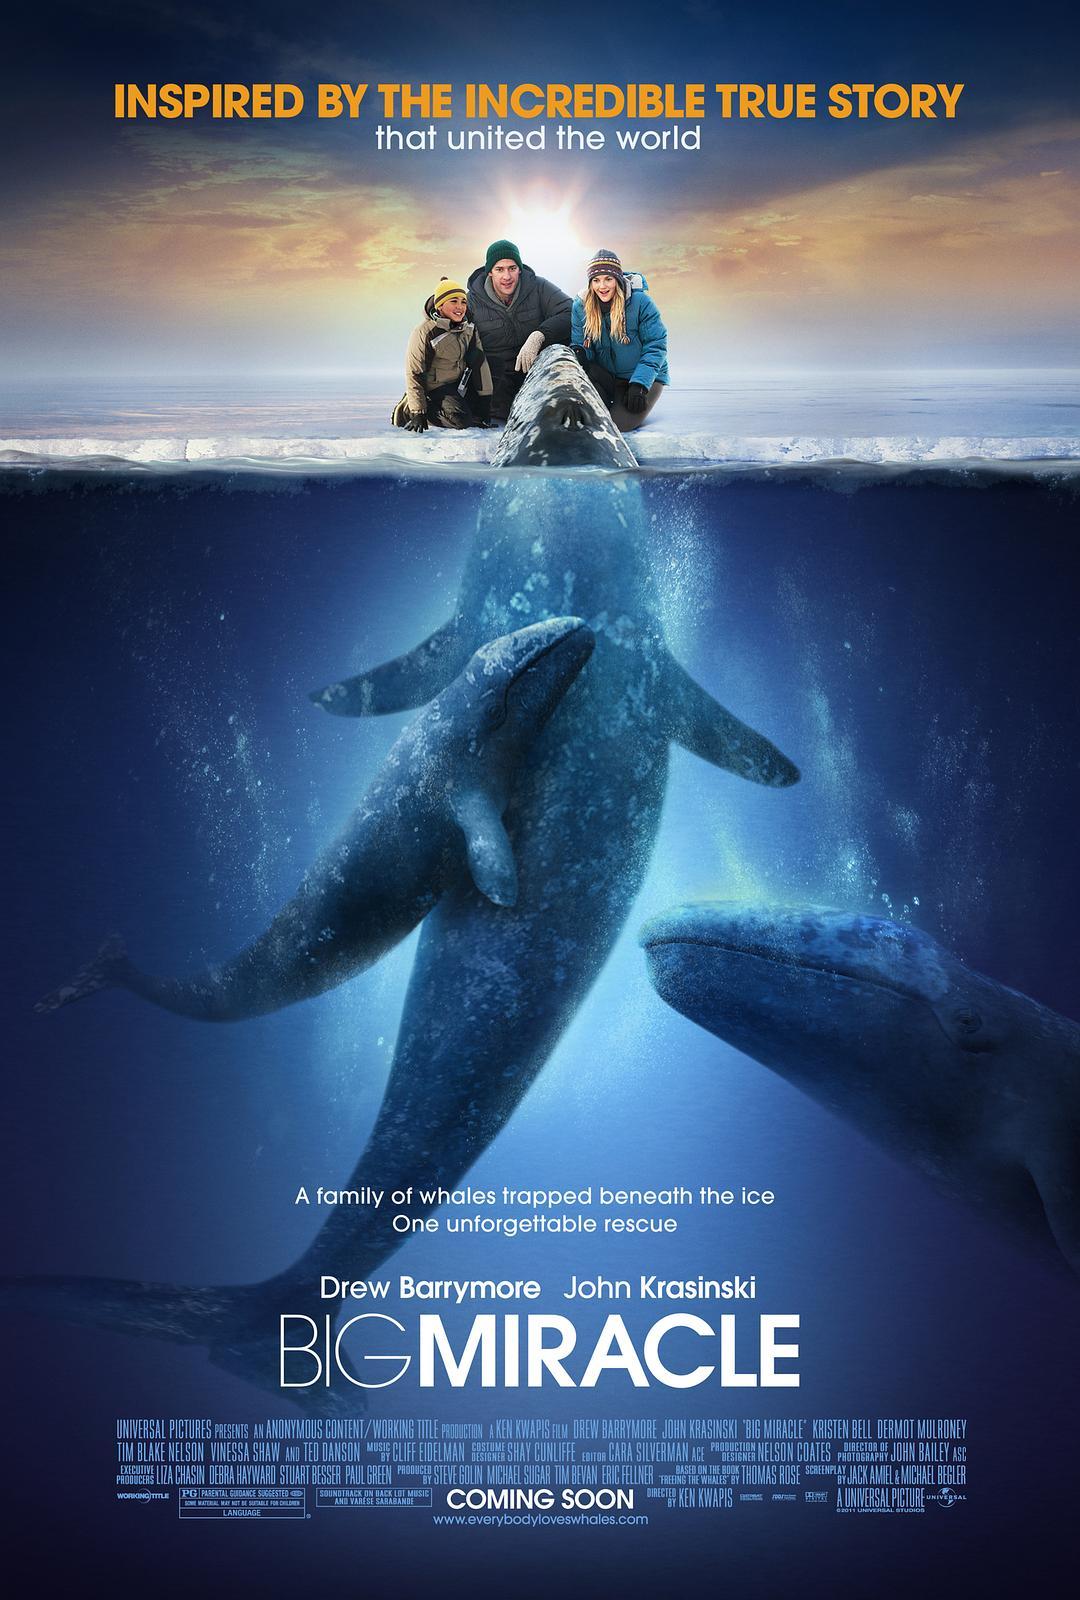 鲸奇迅雷下载 1080P 蓝光原盘下载   鲸奇之旅(台) / 人人都爱鲸鱼 / 巨大奇迹 2012 Big Miracle 37.8G插图(1)